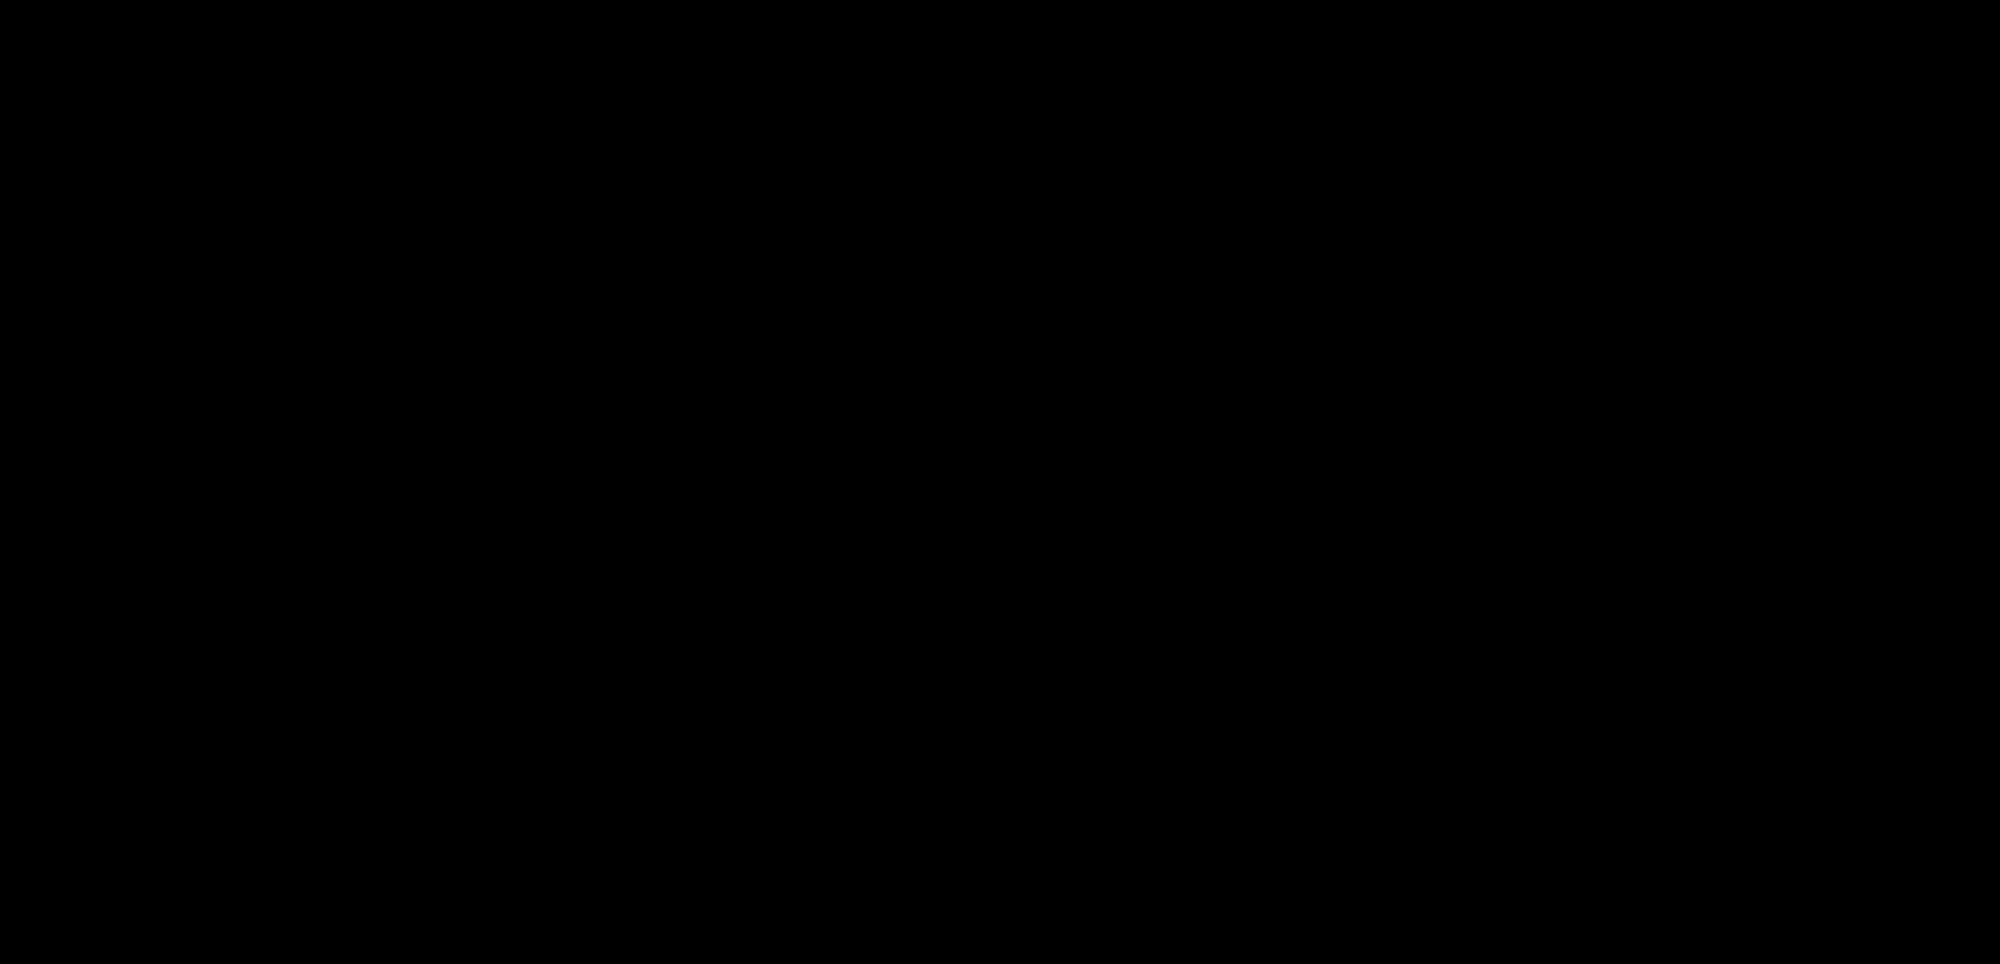 Atlas Vector PNG - 112614